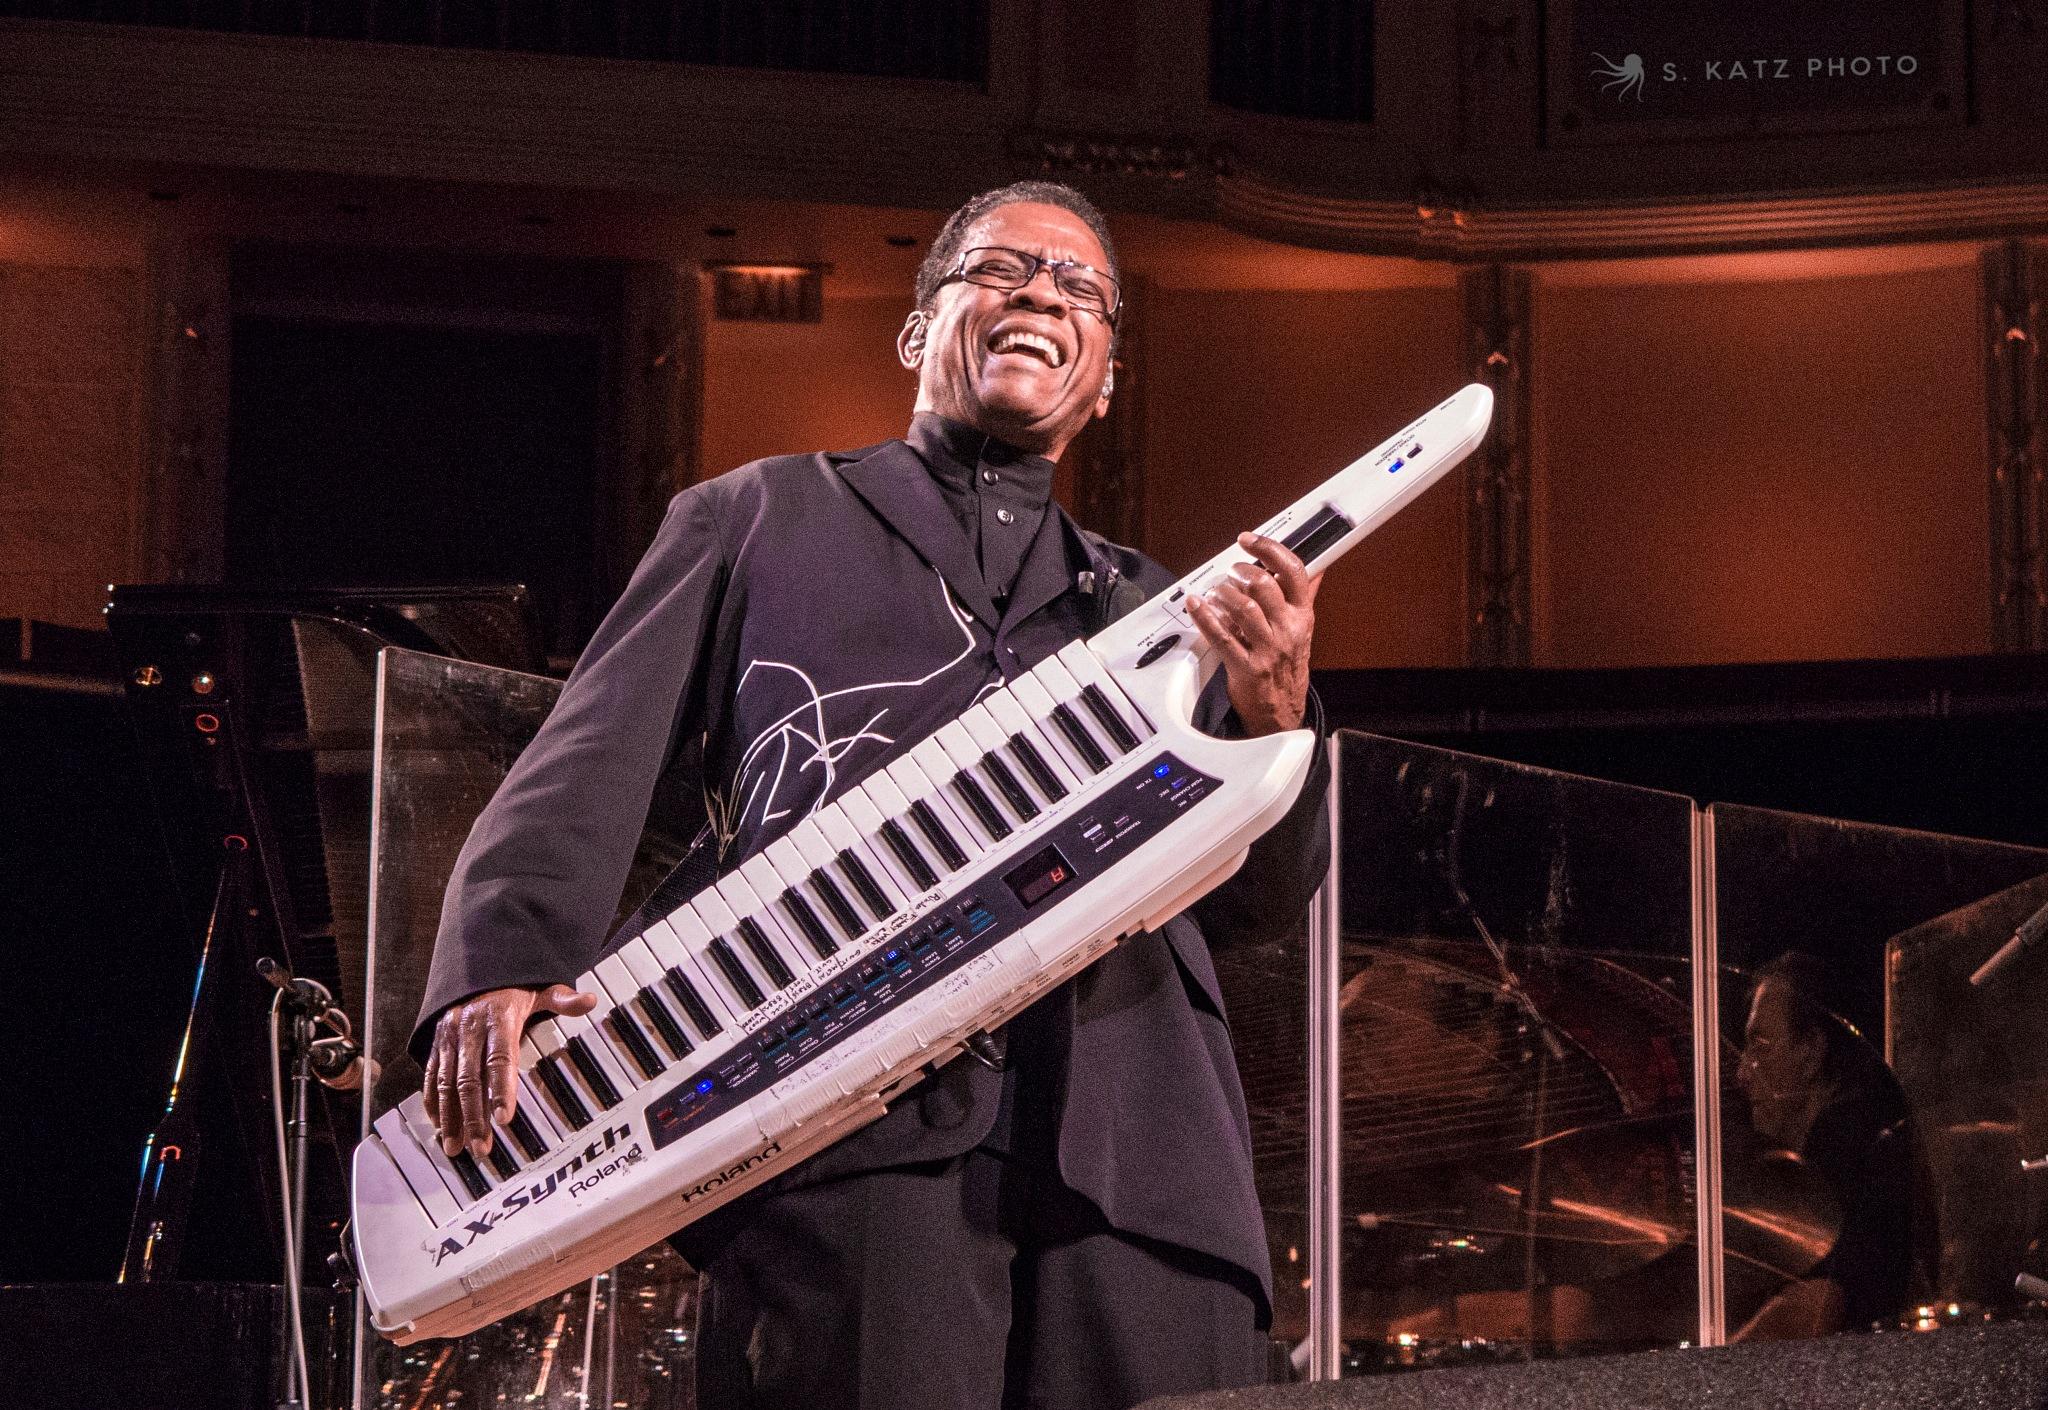 Herbie Hancock the Keyboard Wizard by Sigmund Katz